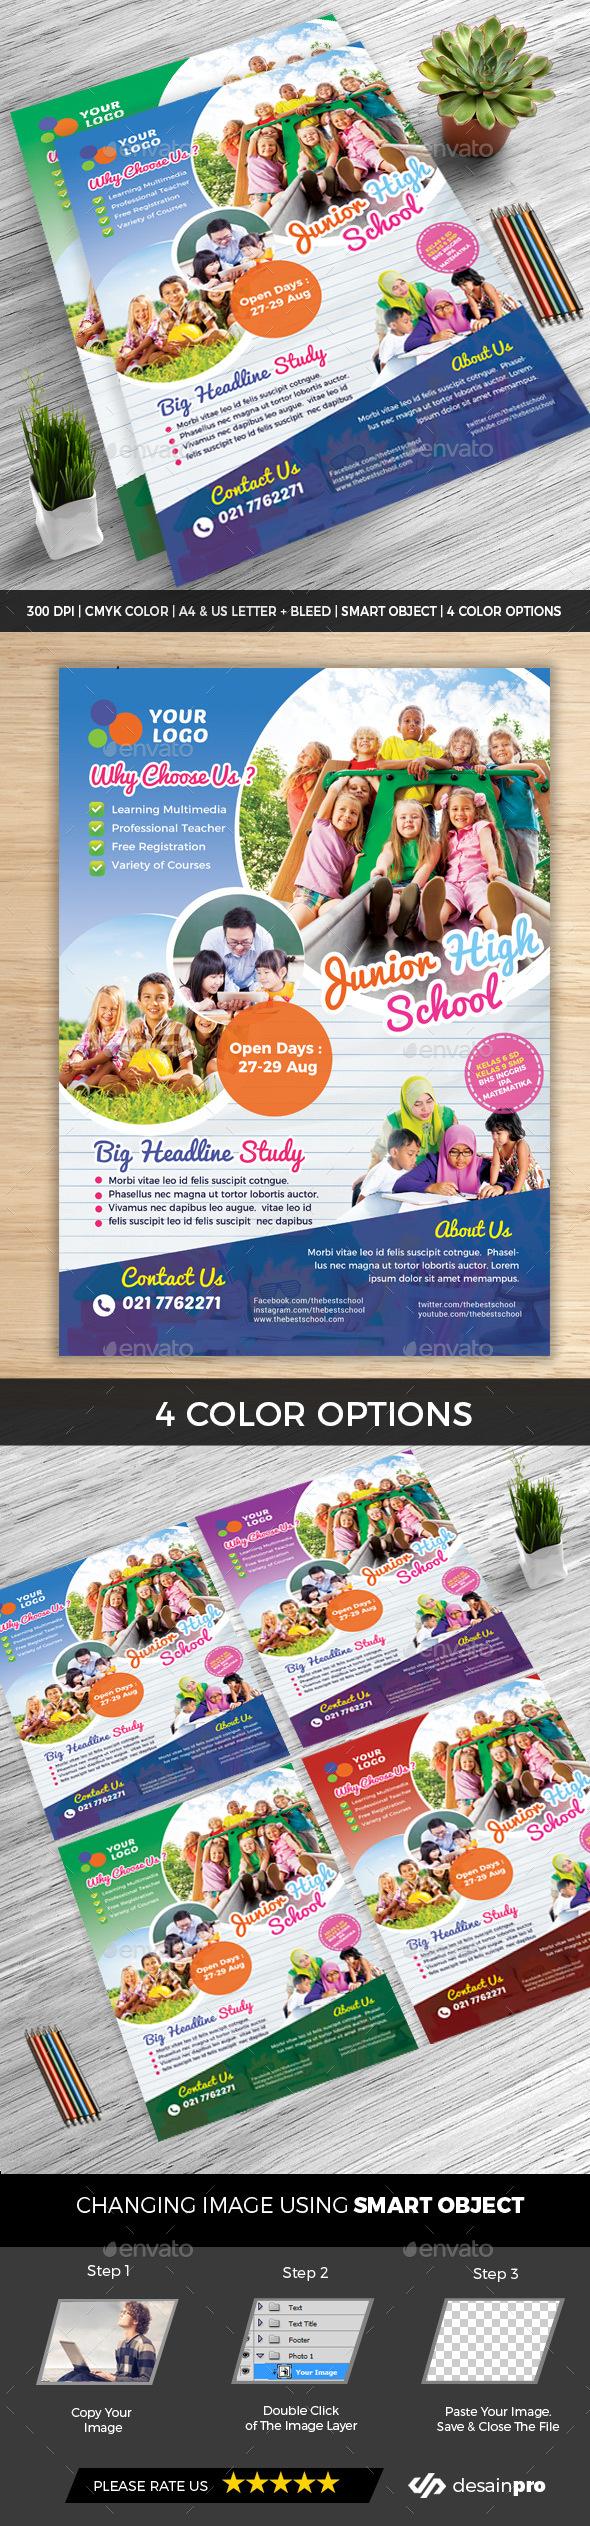 GraphicRiver Education School Flyer 20837772